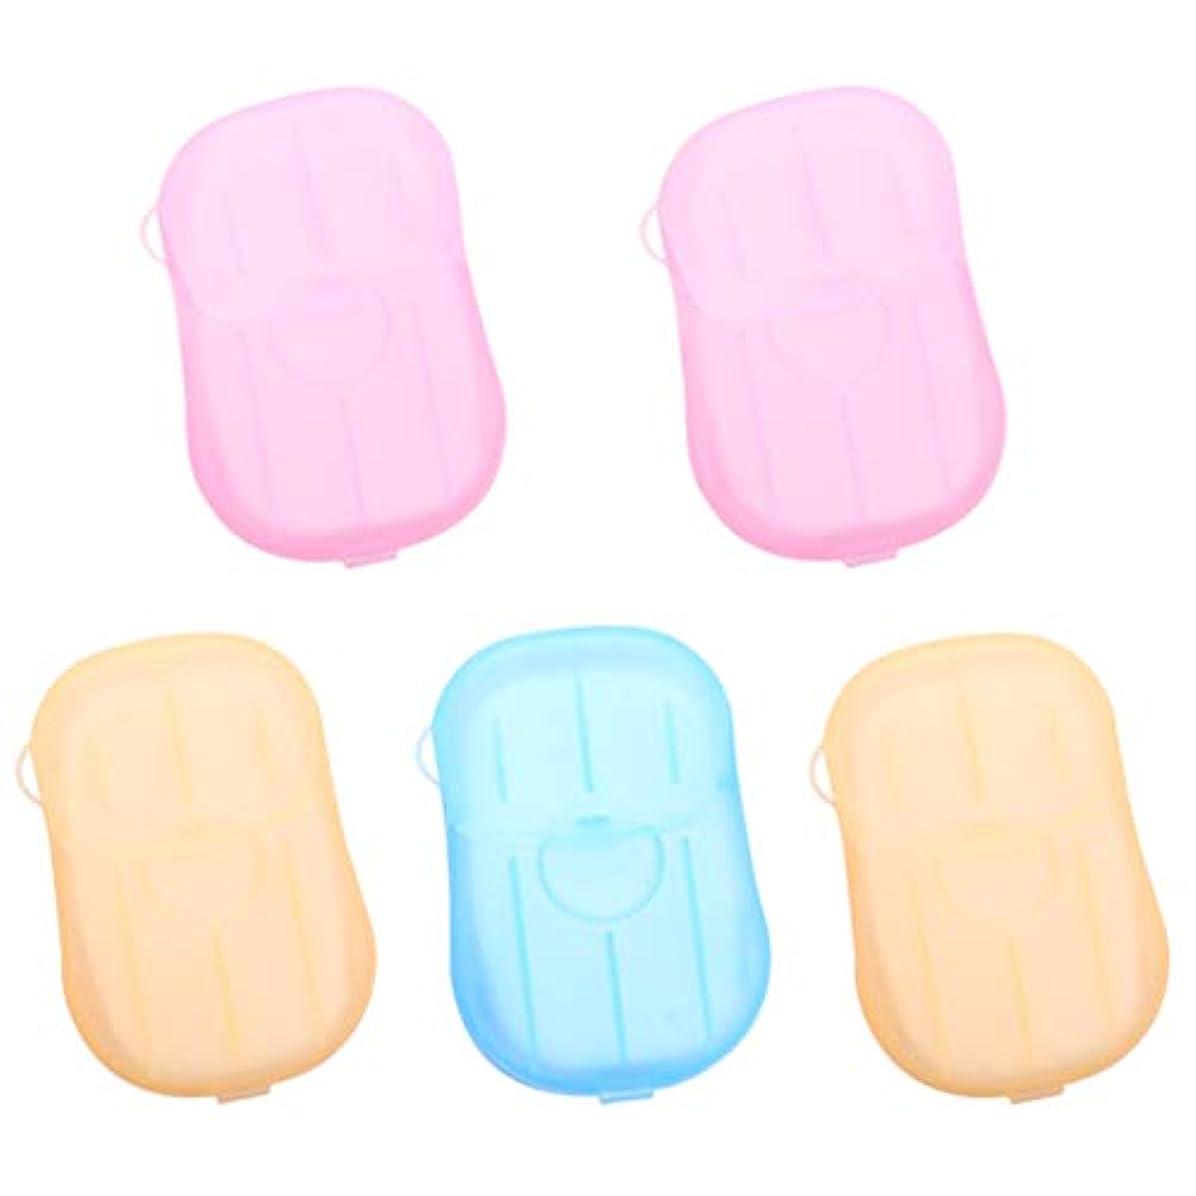 十ページェントパッチHEALLILY 使い捨て石鹸シート10枚の石鹸紙フレークハンドソープトラベルソープシートを洗う旅行用ホームバスルームアクセサリー(2 *青+ 4 *ピンク+ 4 *黄色)